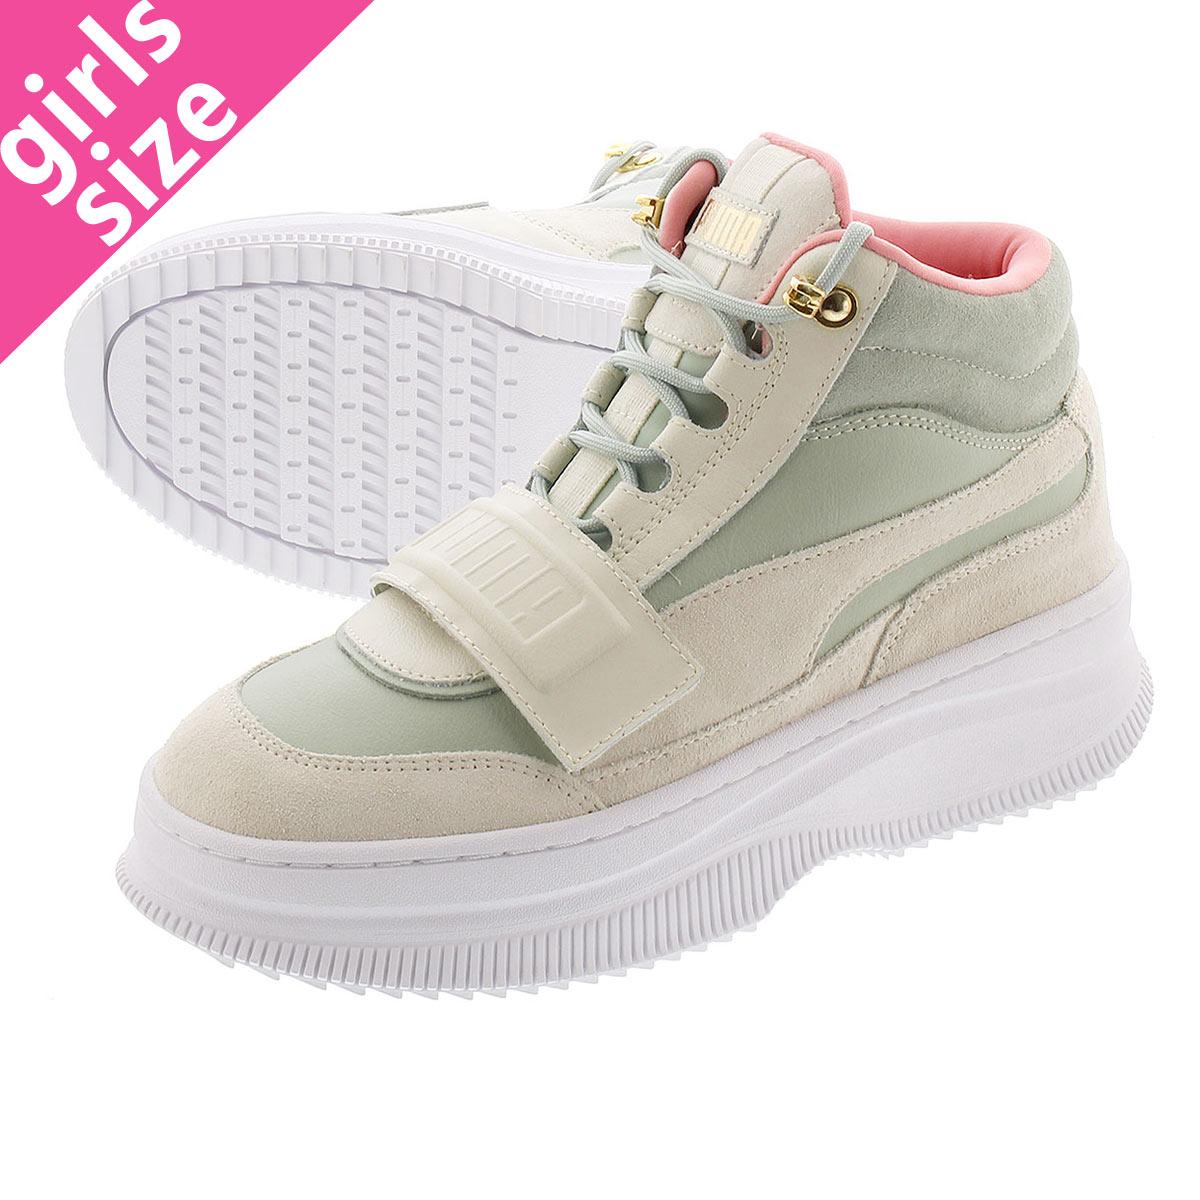 レディース靴, スニーカー SALEPUMA DEVA BOOTS SUEDE WMS VAPOROUS GRAYAQUA GRAY 374757-01